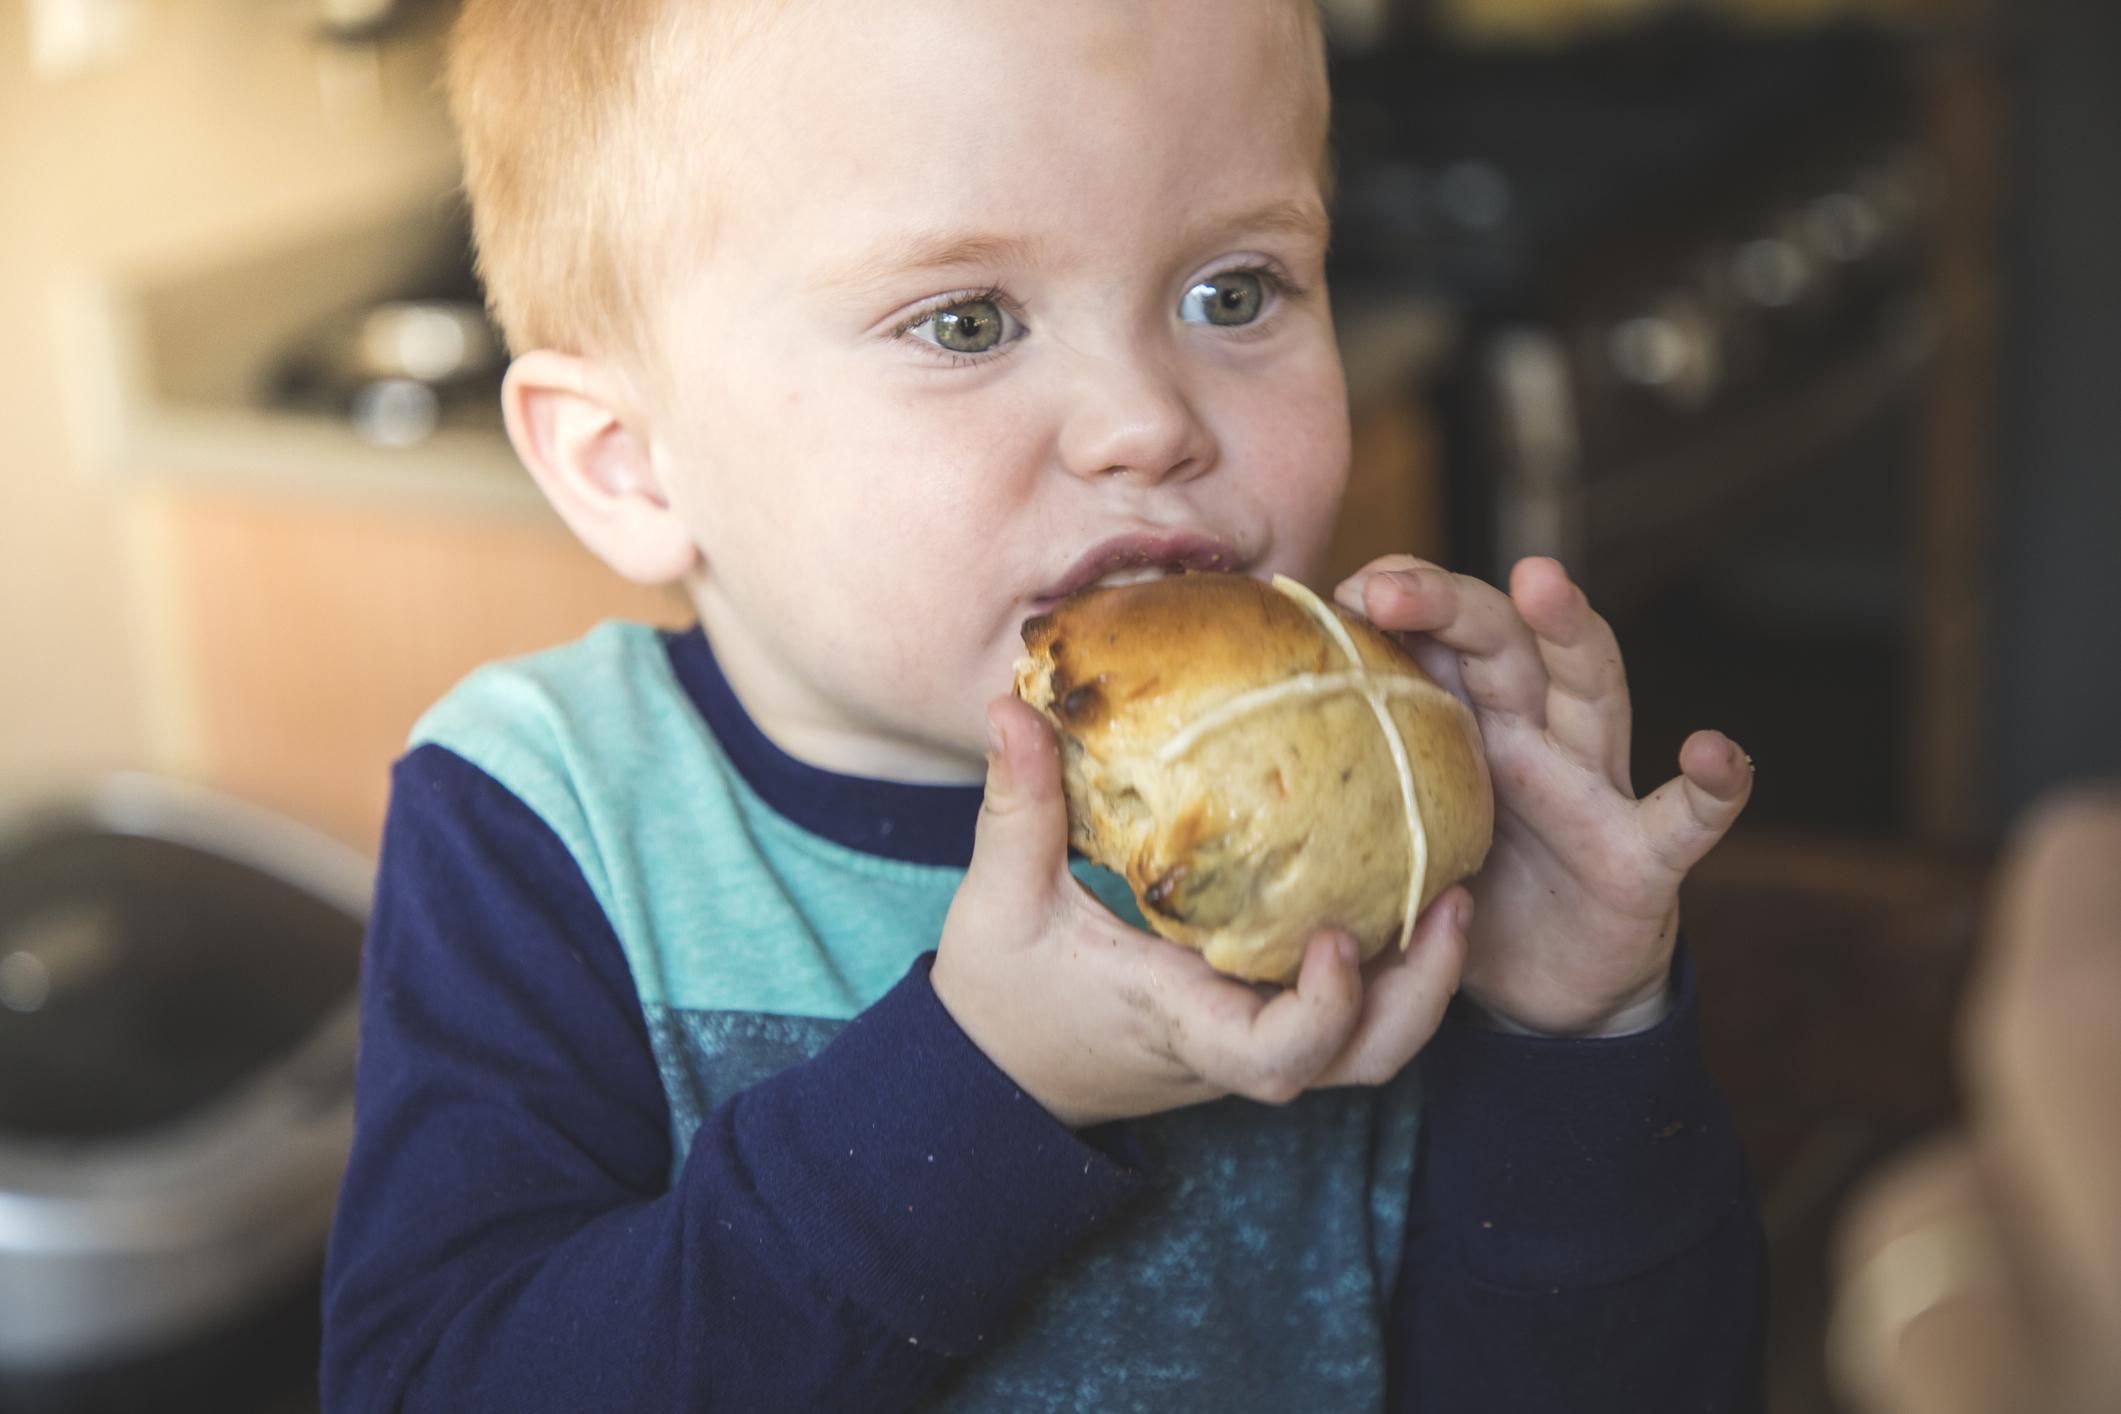 Child eating a Hot Cross Bun